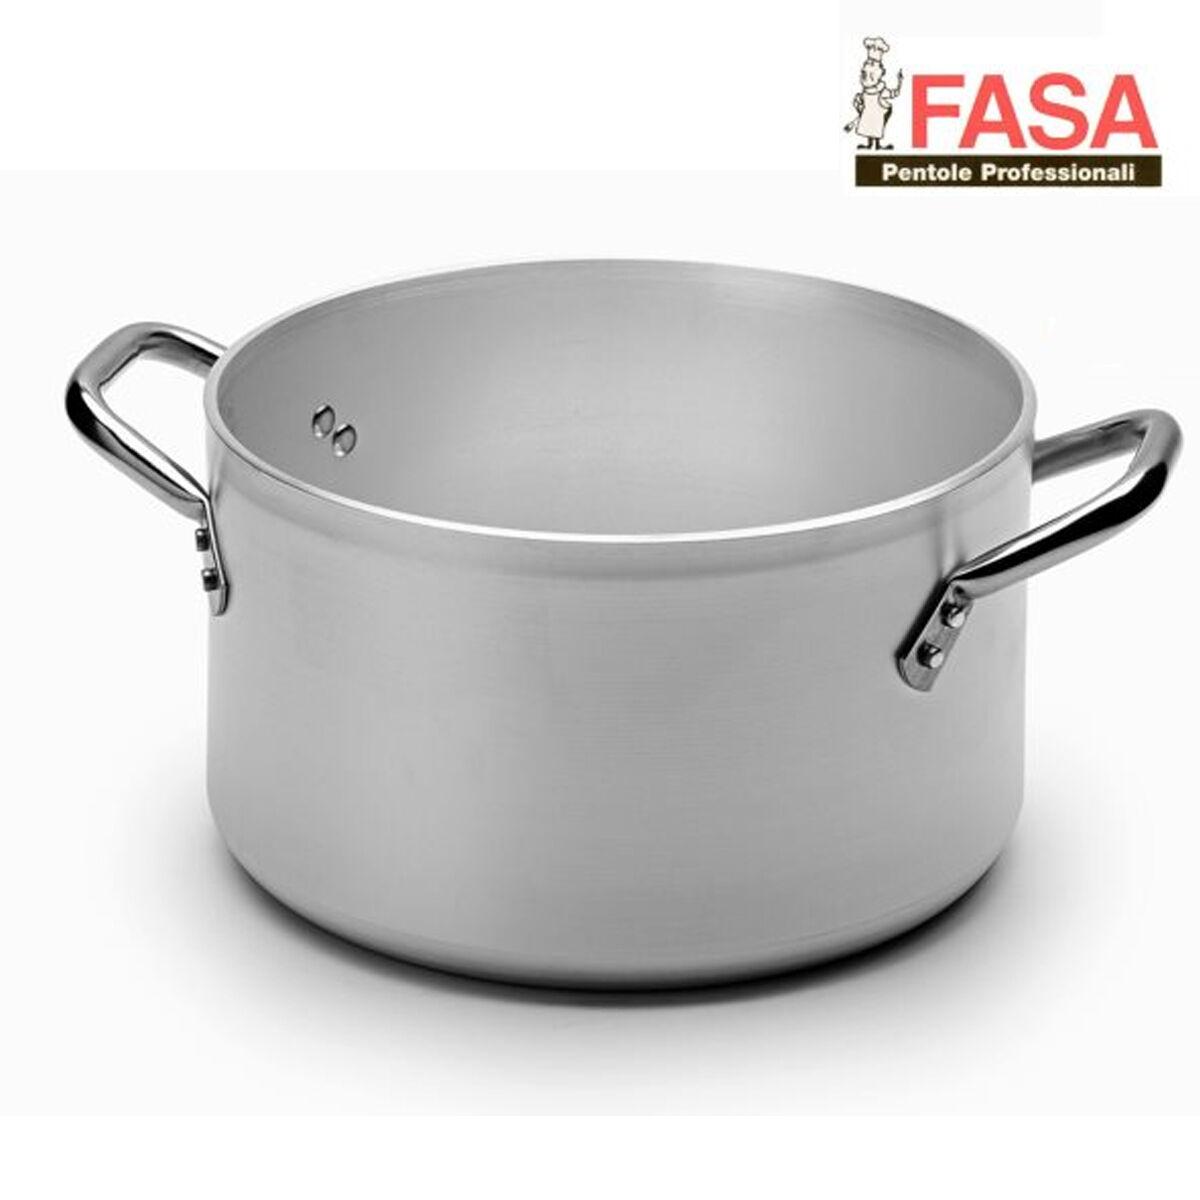 Casseruola Alta Due Maniglie professionale della FASA diametro 28cm in alluminio